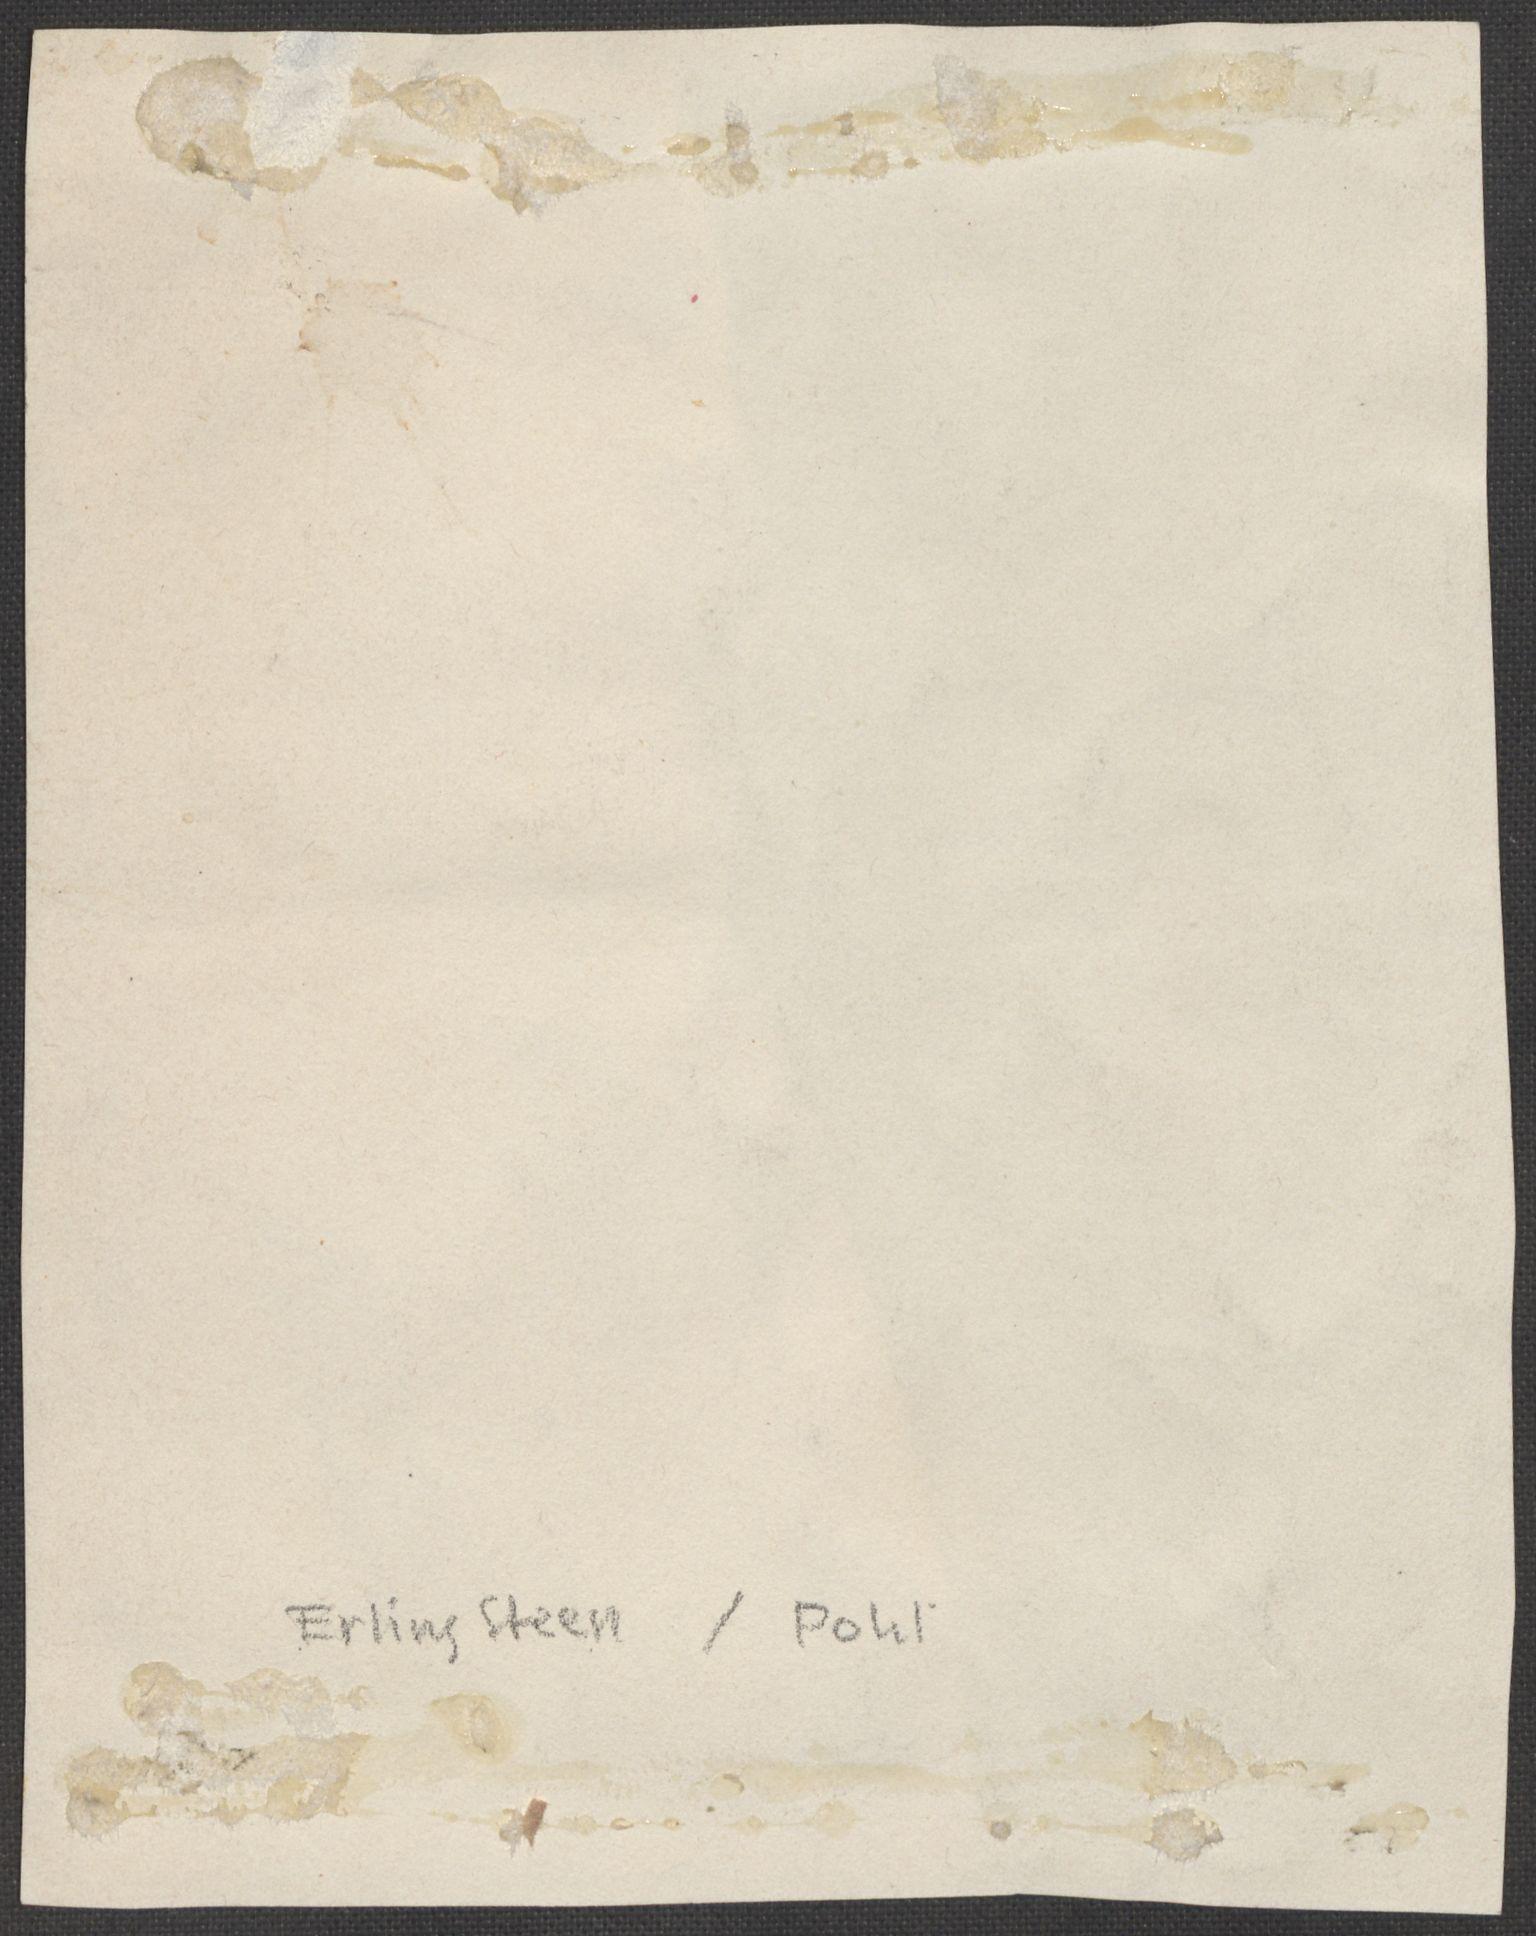 RA, Grøgaard, Joachim, F/L0002: Tegninger og tekster, 1942-1945, p. 75